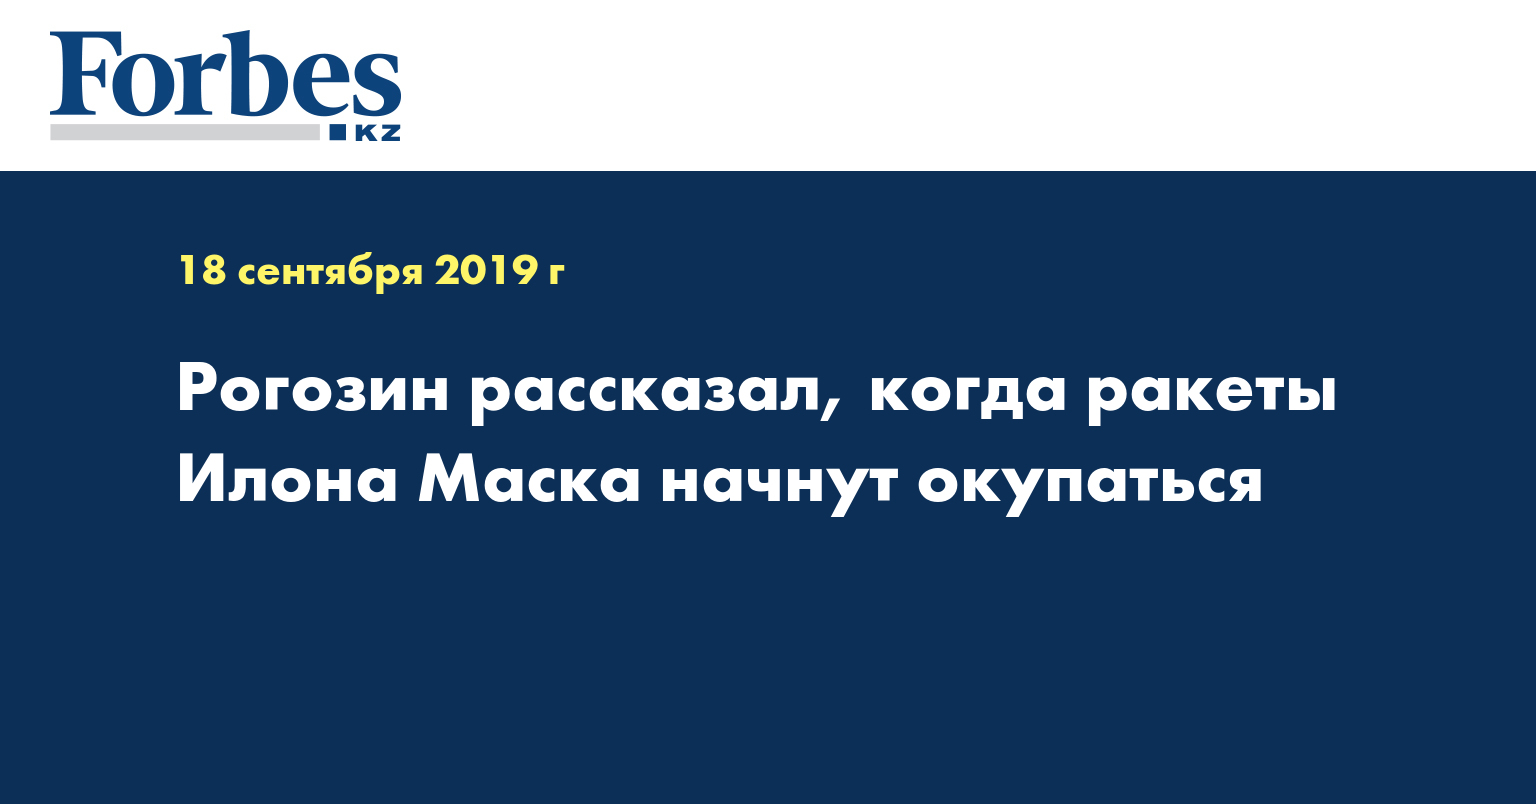 Рогозин рассказал, когда ракеты Илона Маска начнут окупаться